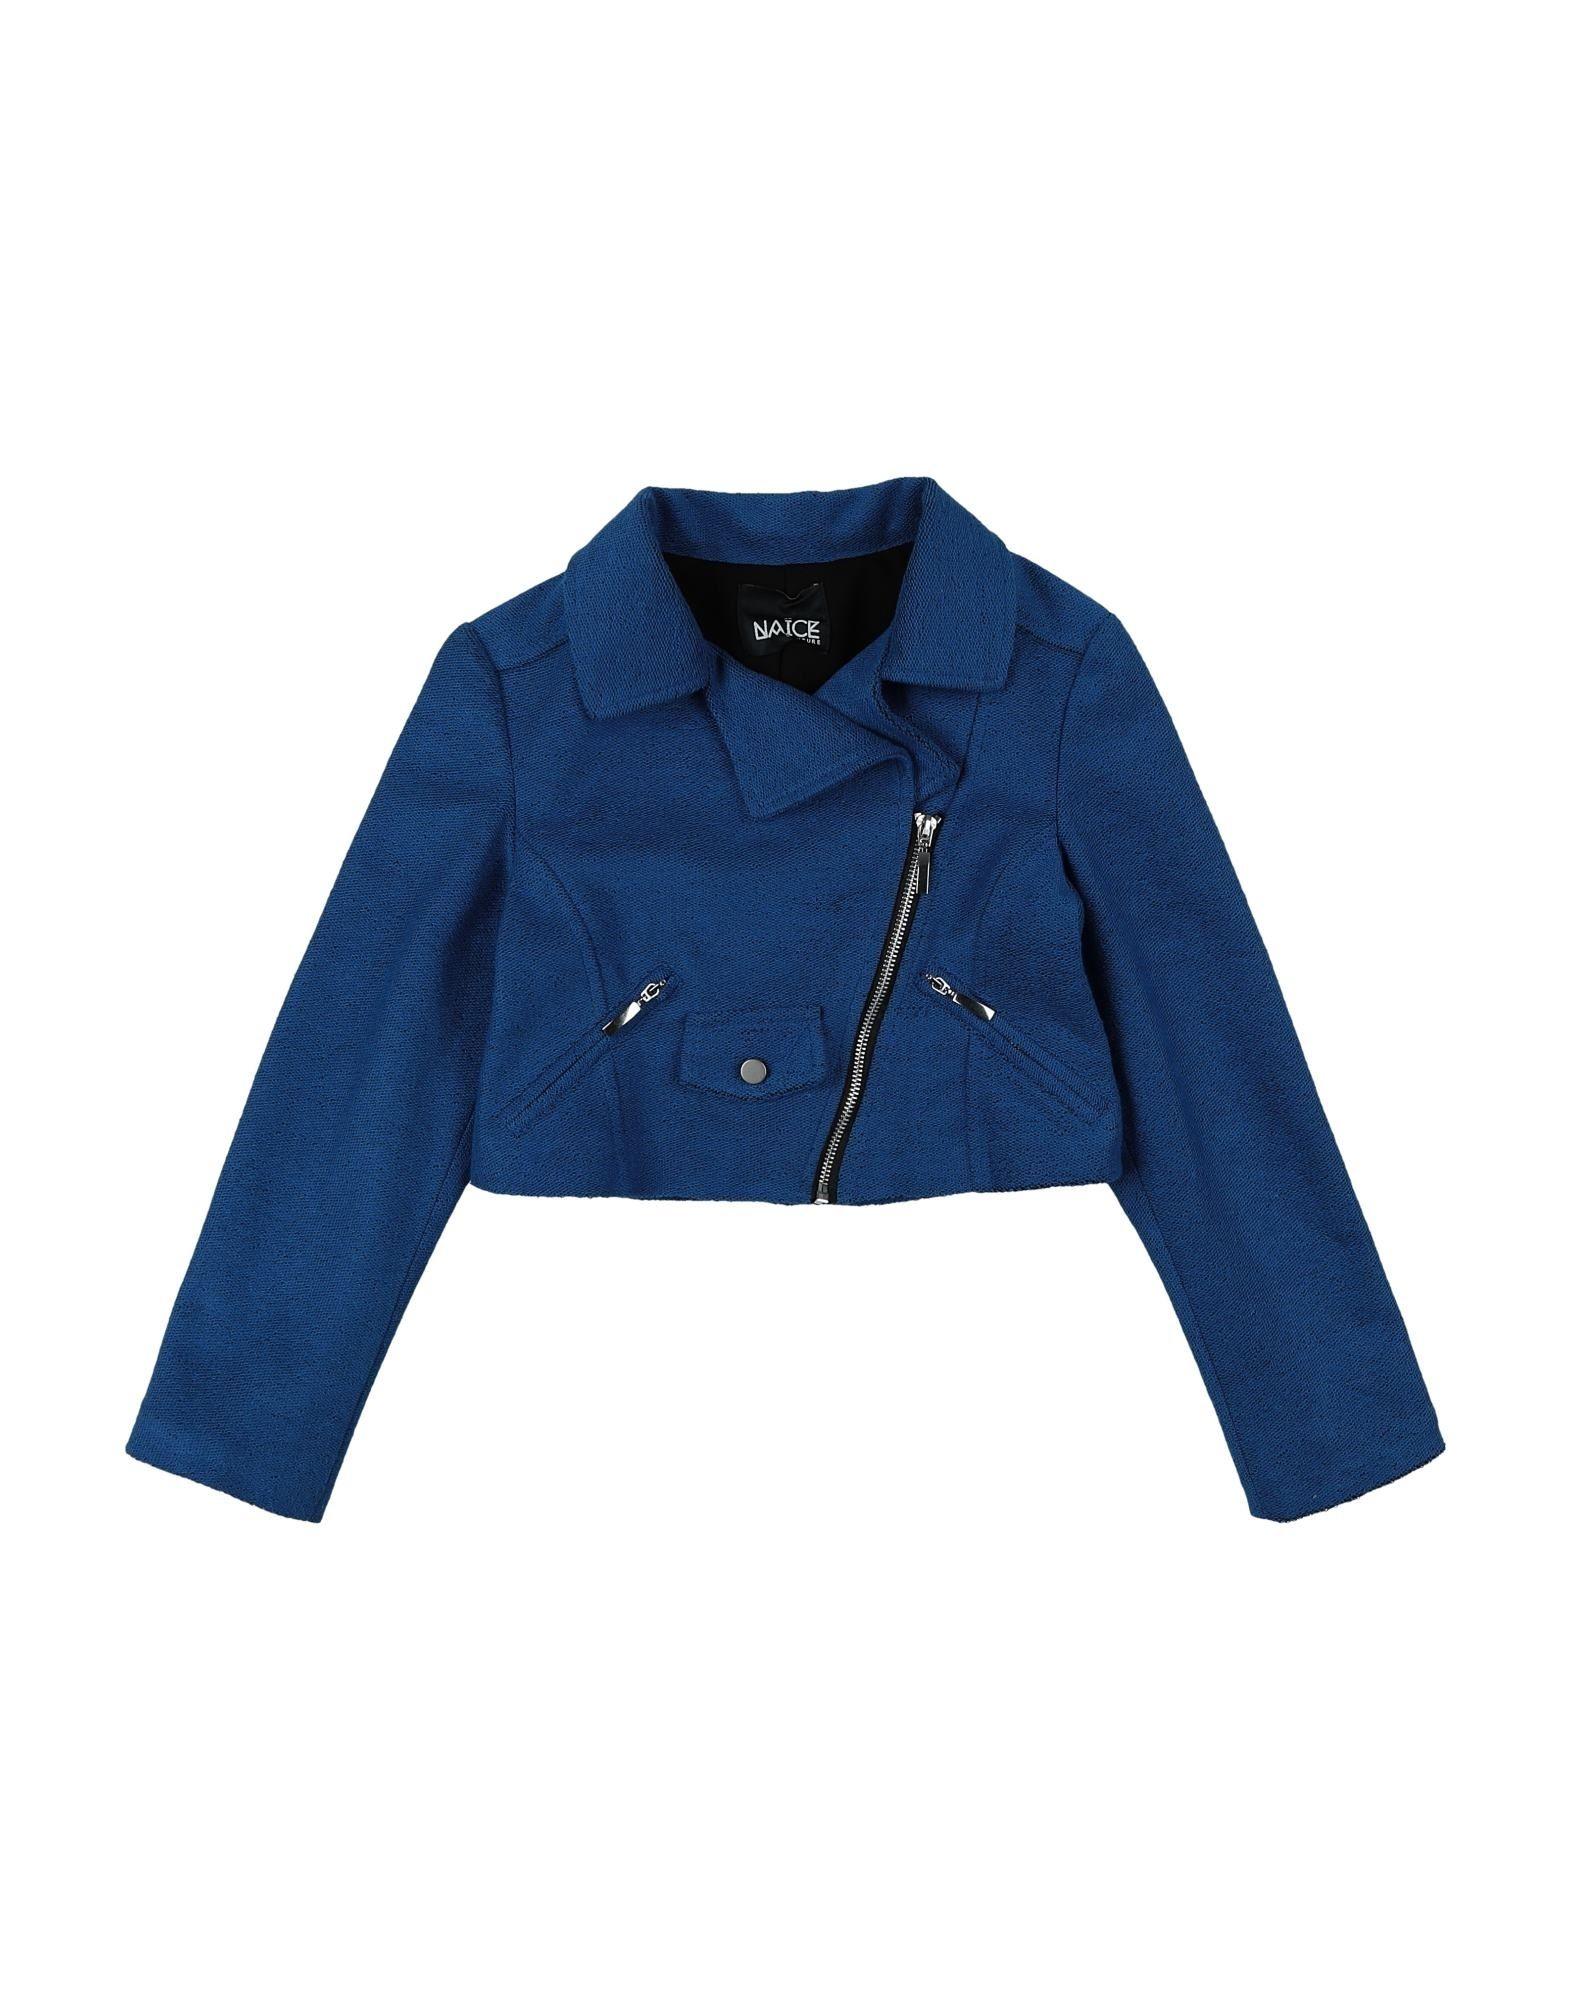 Naïce Kids' Jackets In Blue